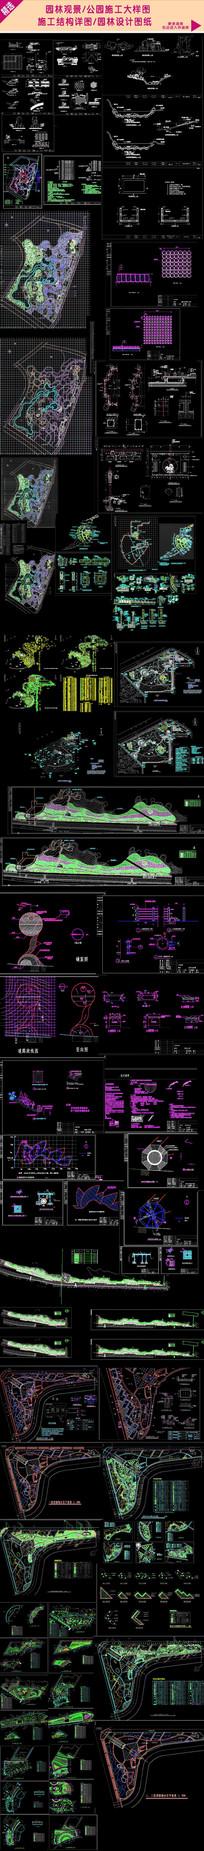 园林规划设计CAD施工图  dwg